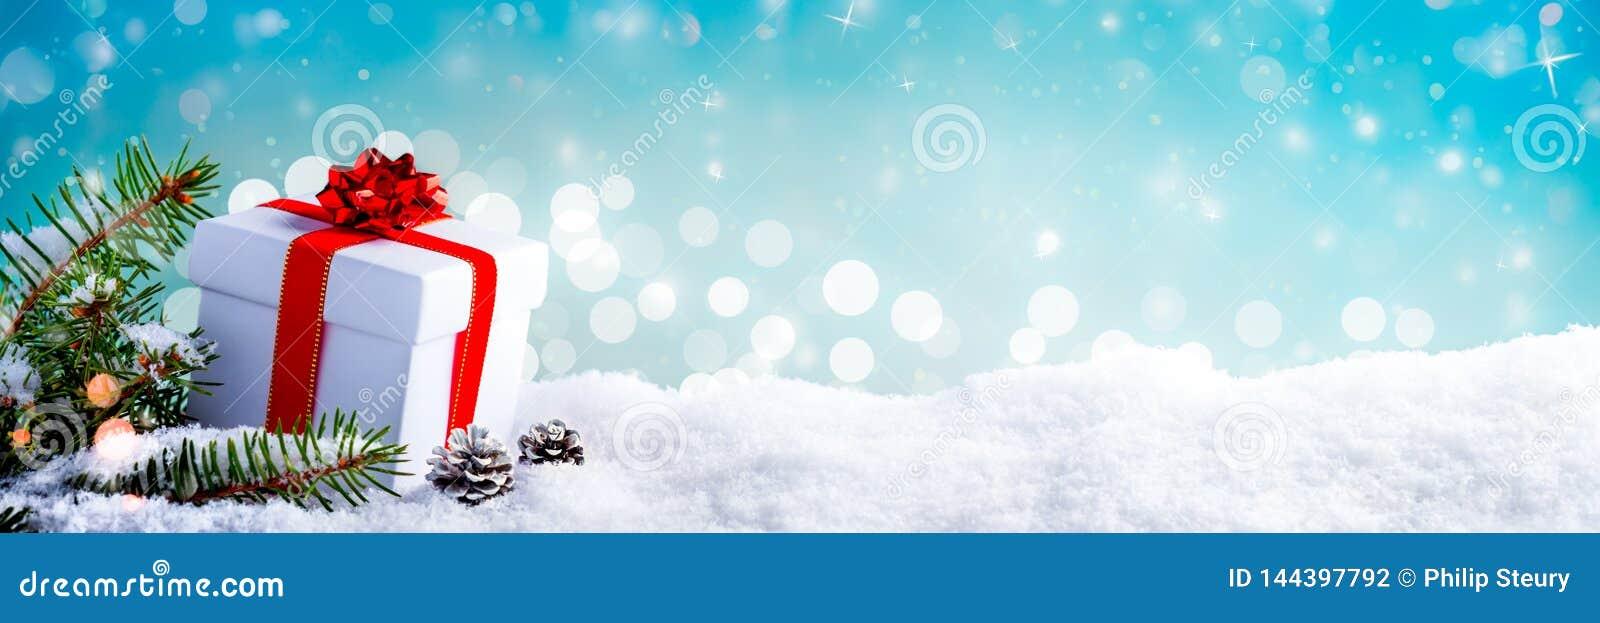 De gift van Kerstmis in de sneeuw